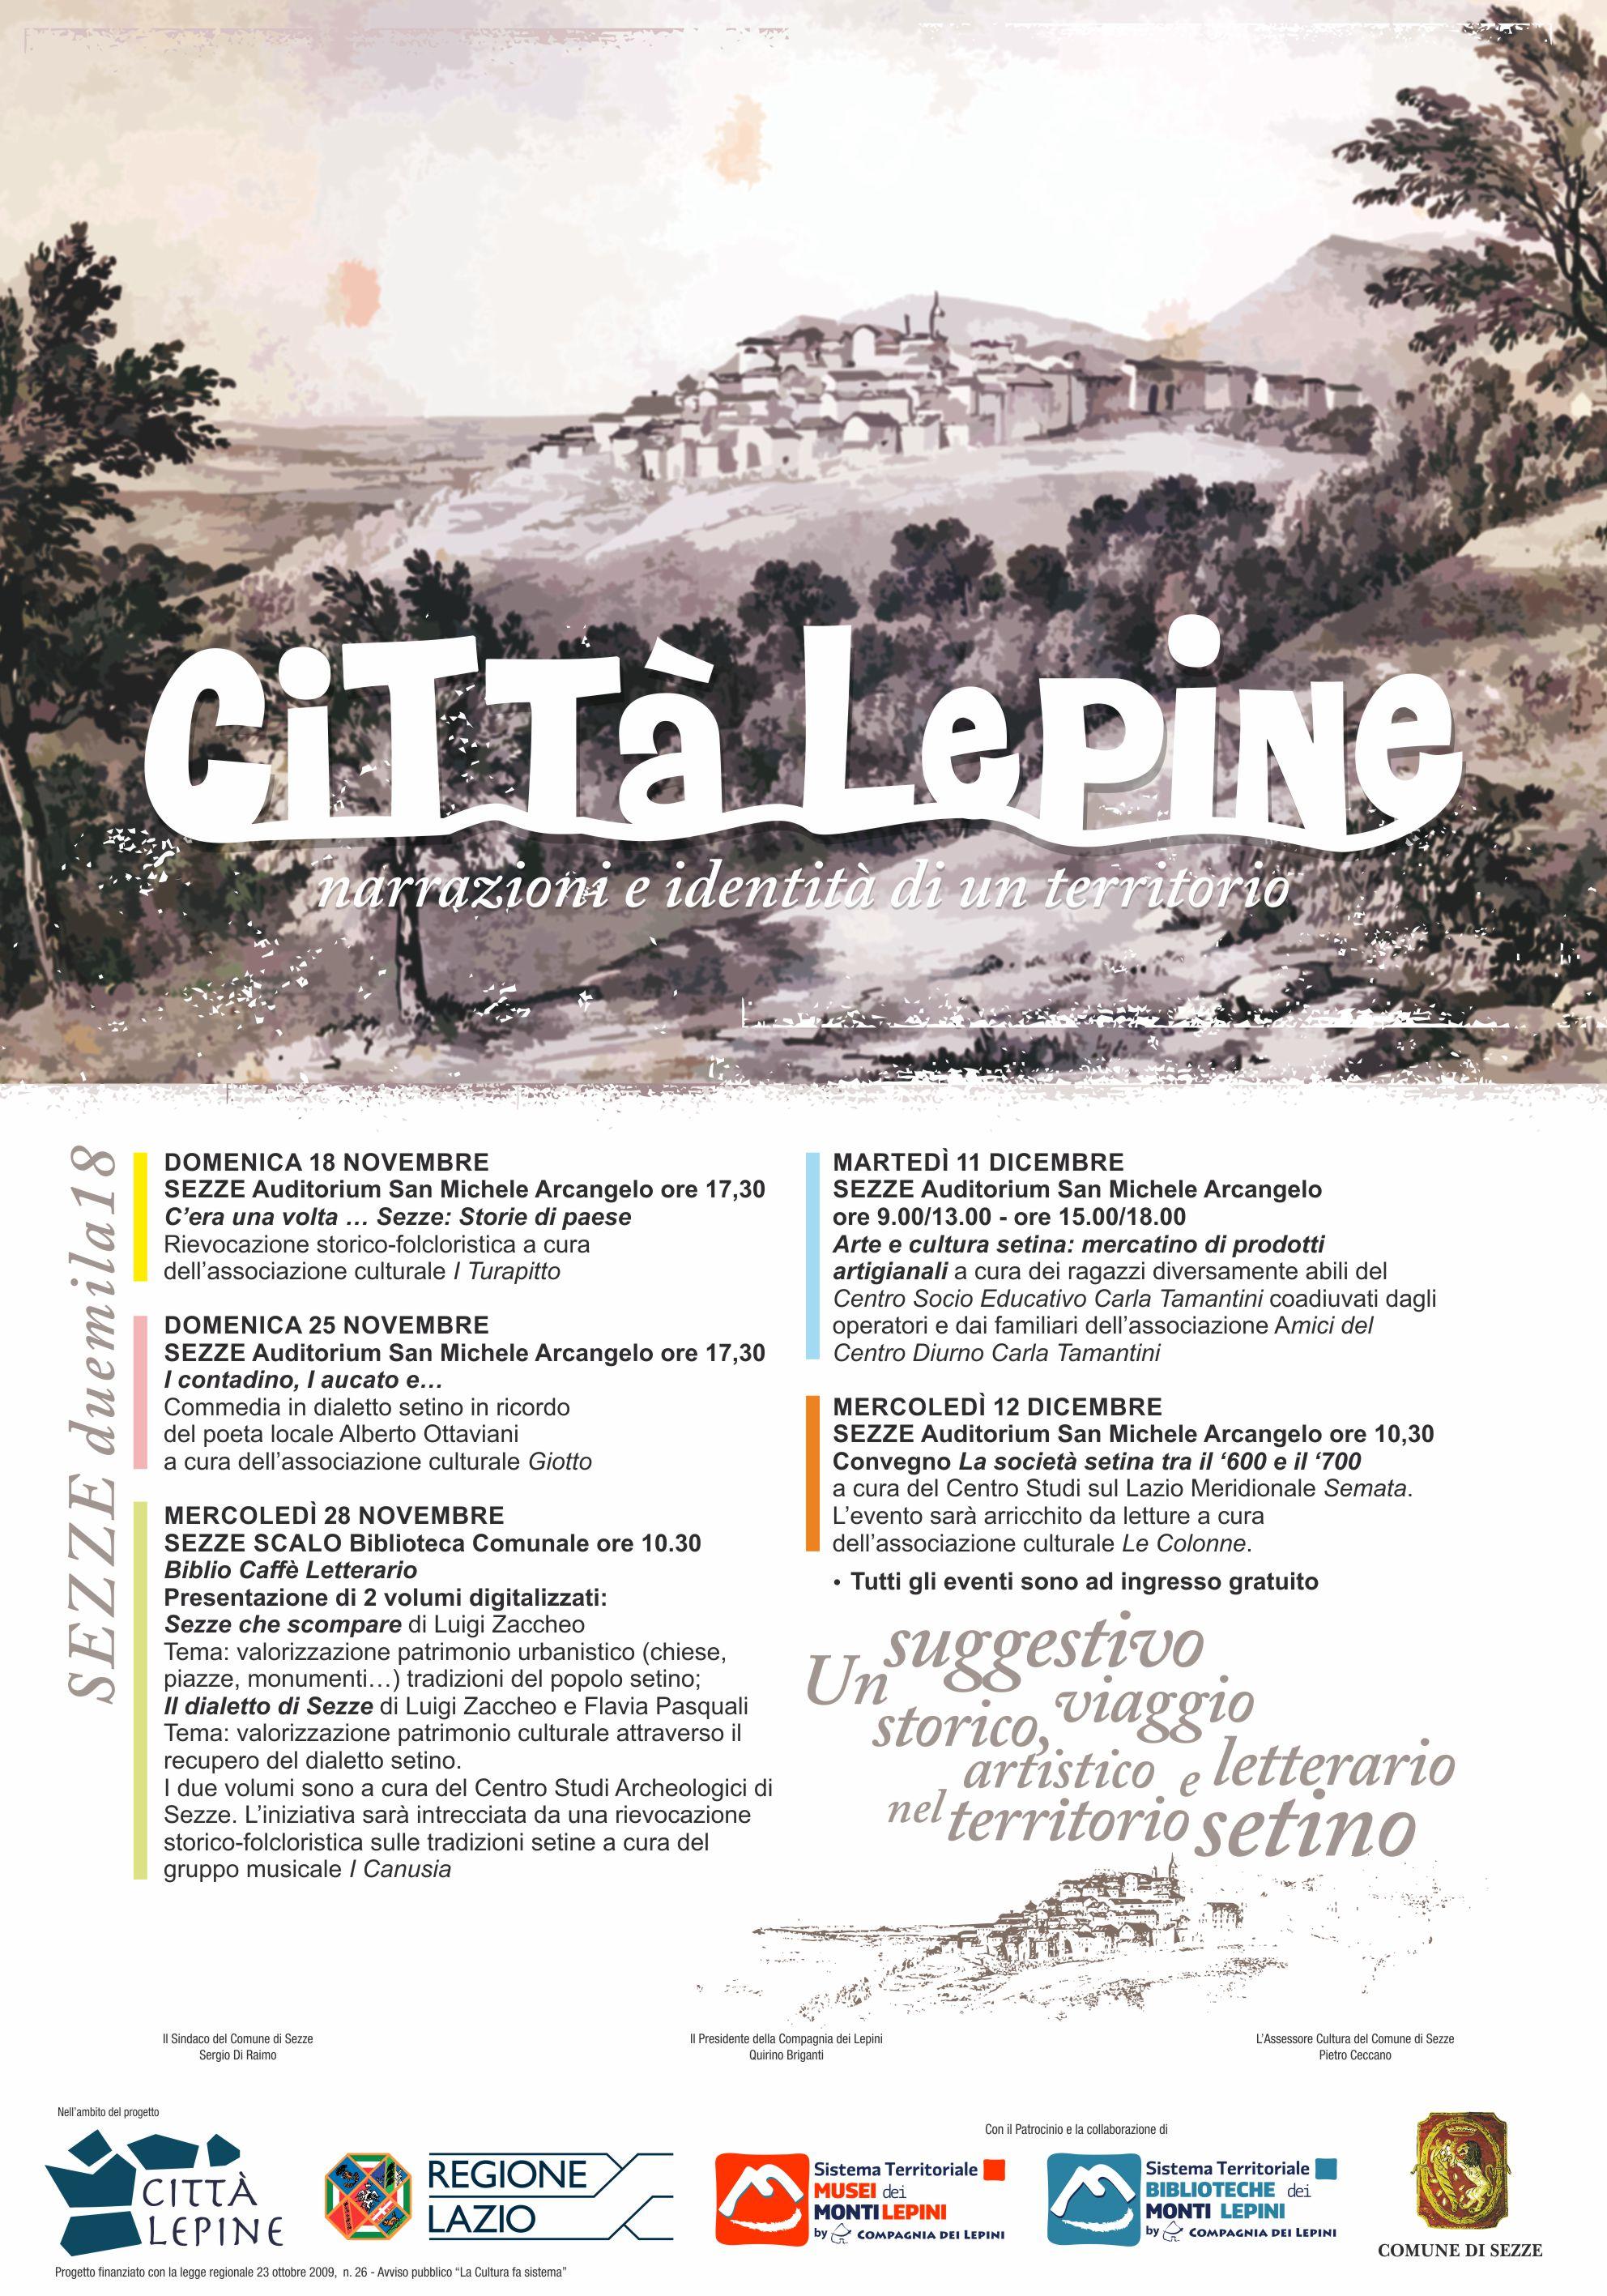 Città Lepine Sezze: Narrazioni e identità di un territorio @ Auditorium San Michele Arcangelo / biblioteca Comunale di Sezze Scalo | Sezze | Lazio | Italia